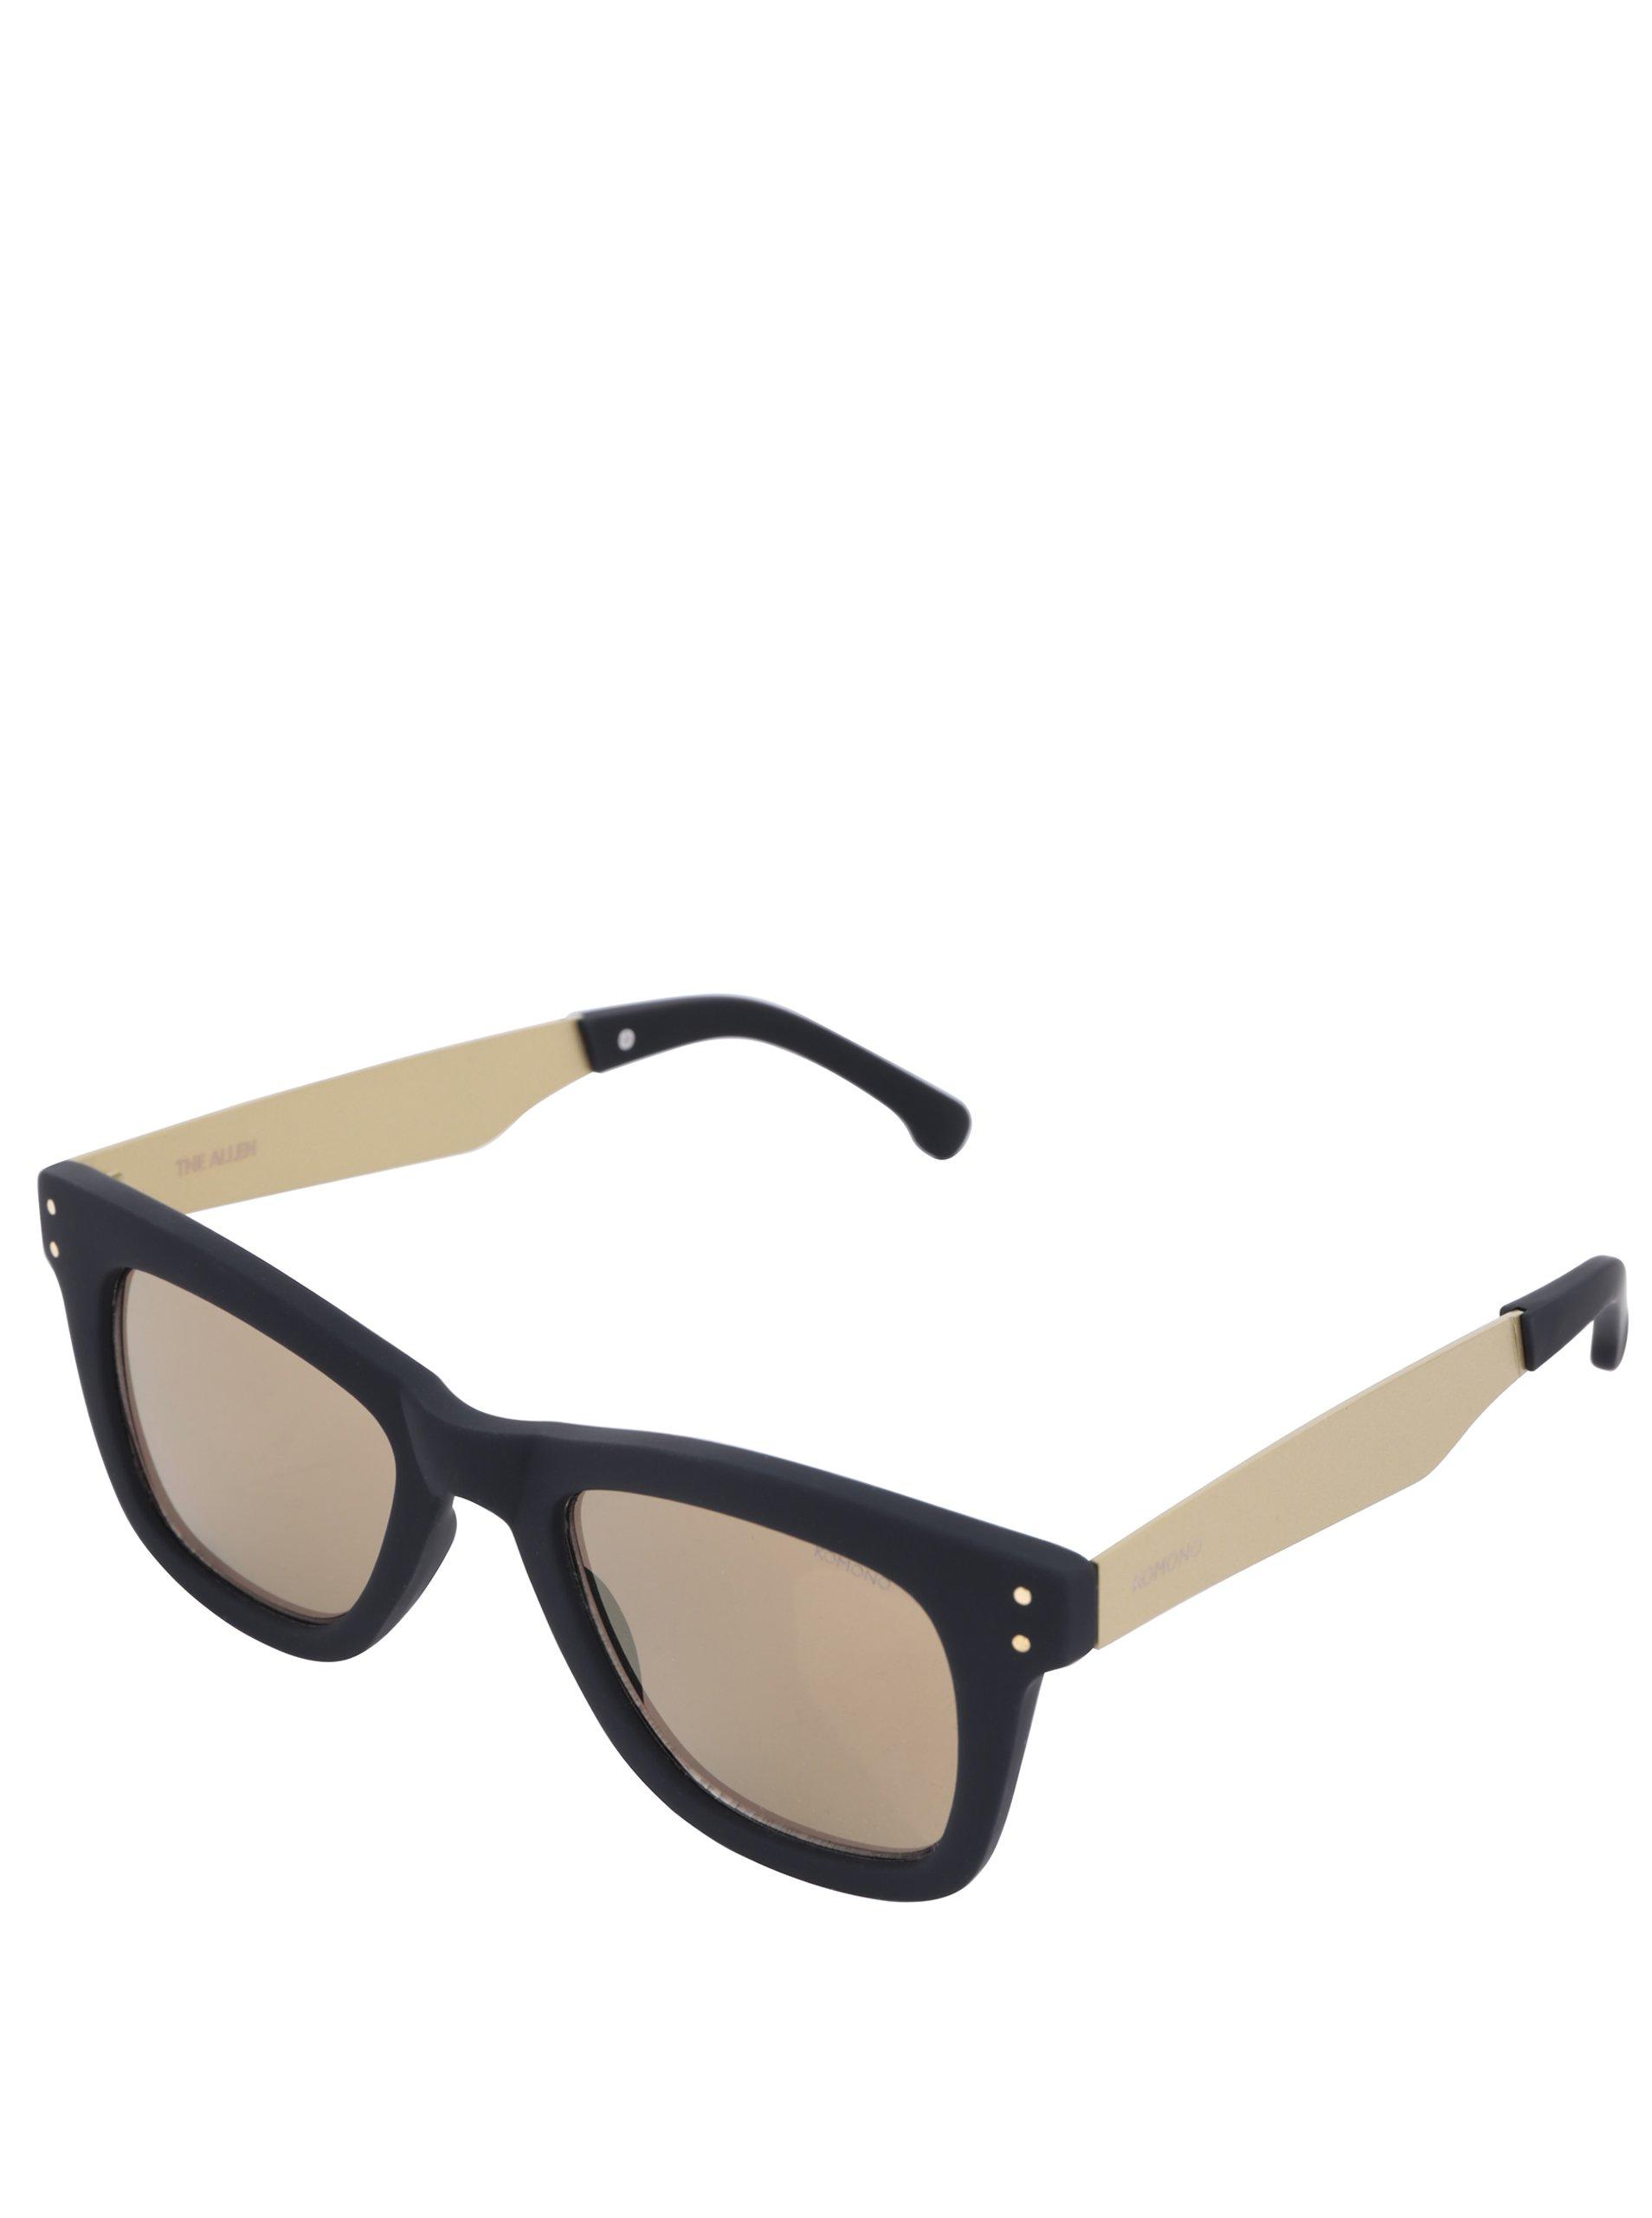 Čierne unisex slnečné okuliare s postrannicami v zlatej farbe Komono Allen